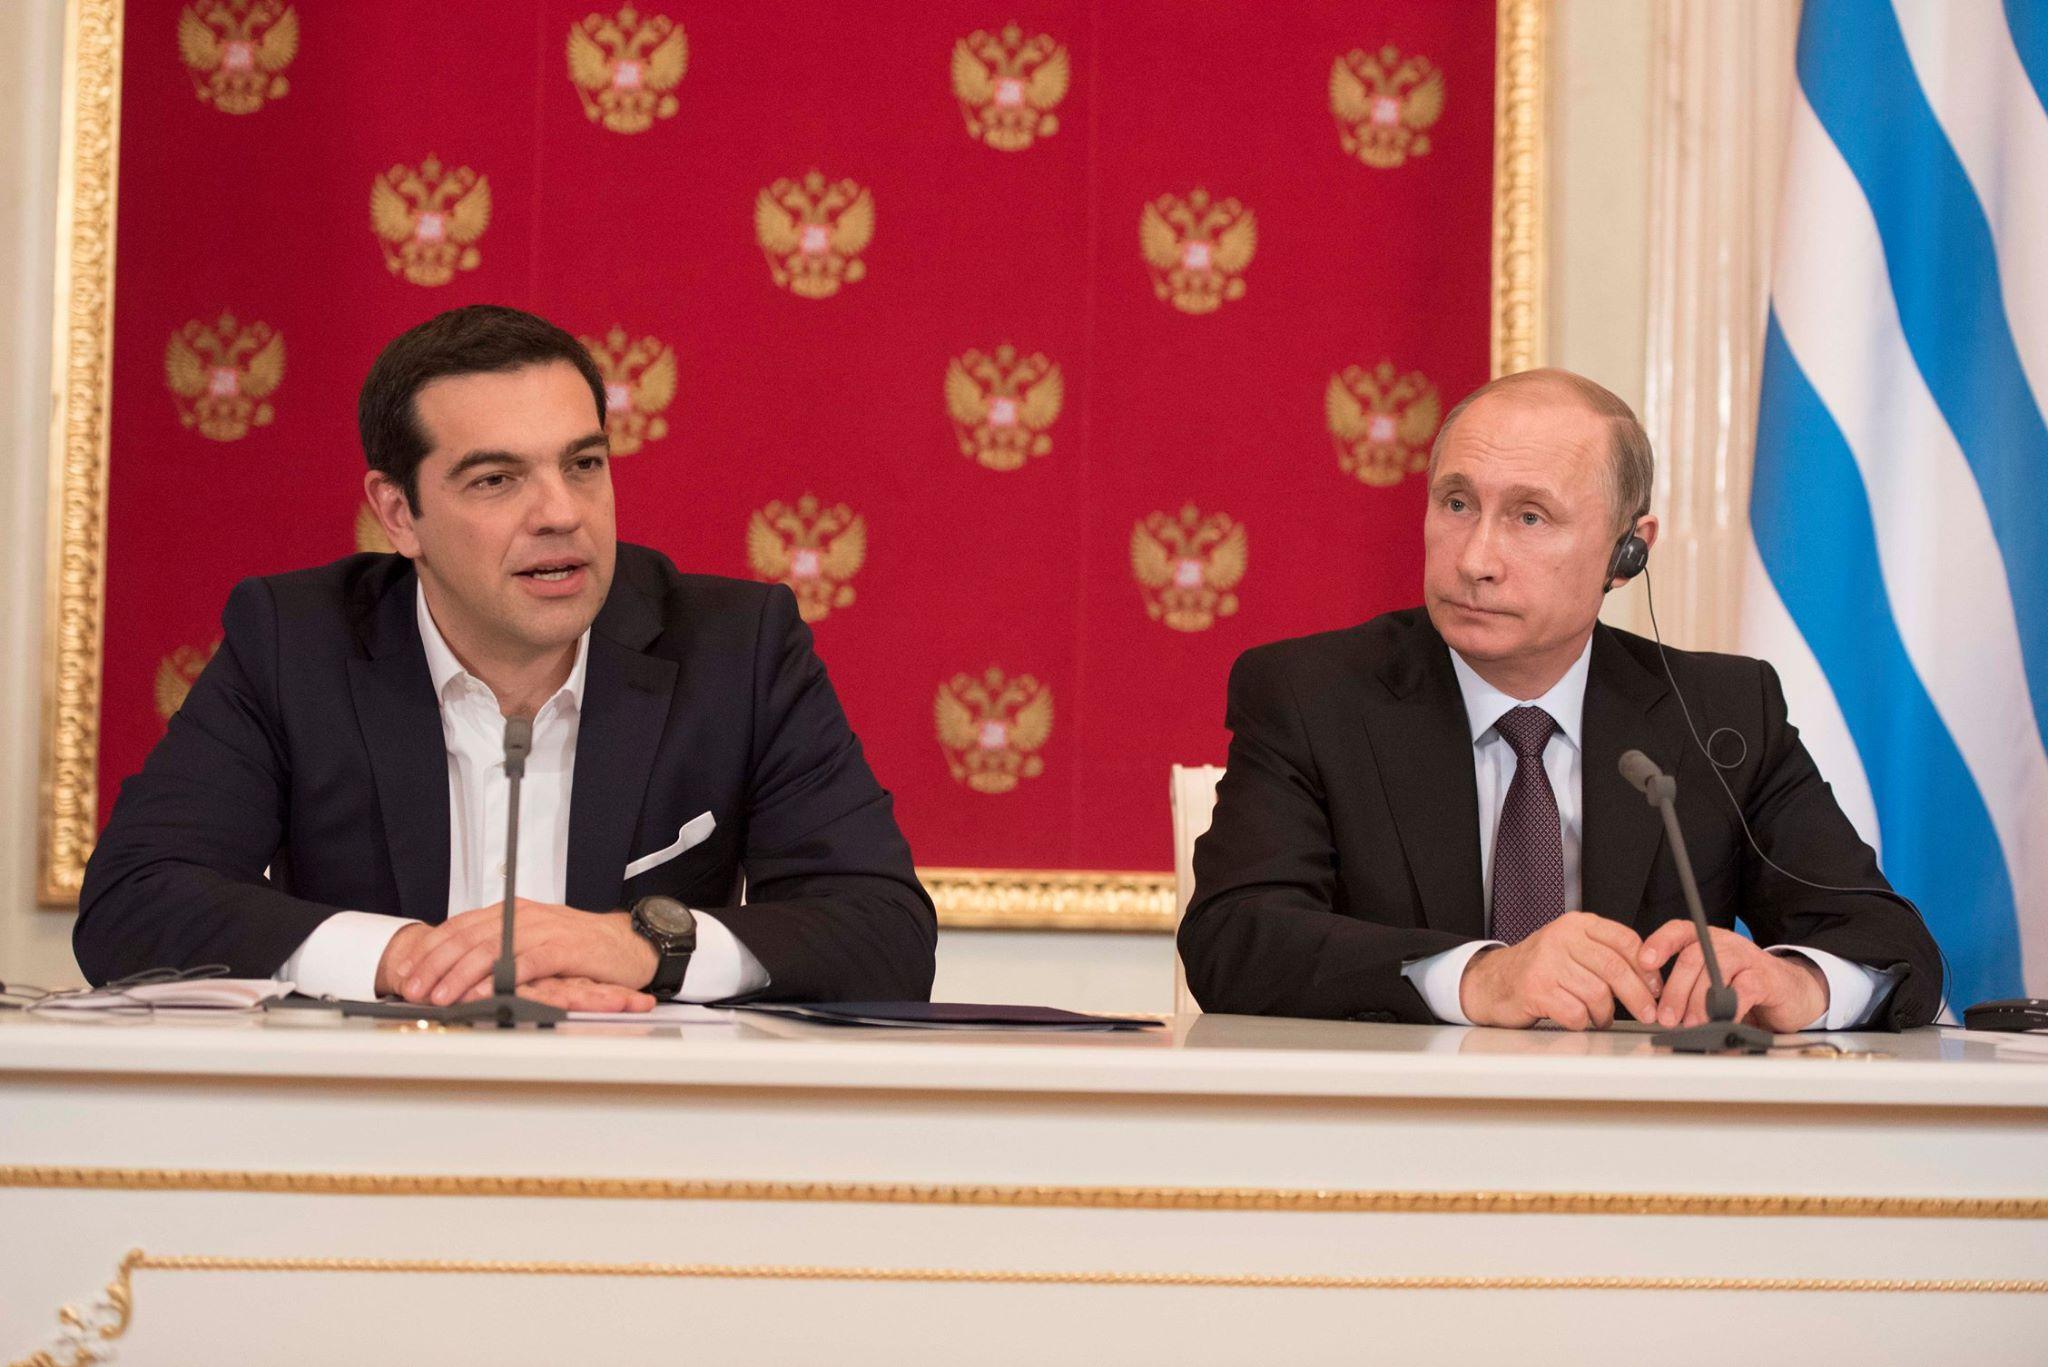 Το ταξίδι του πρωθυπουργού στη ρωσία